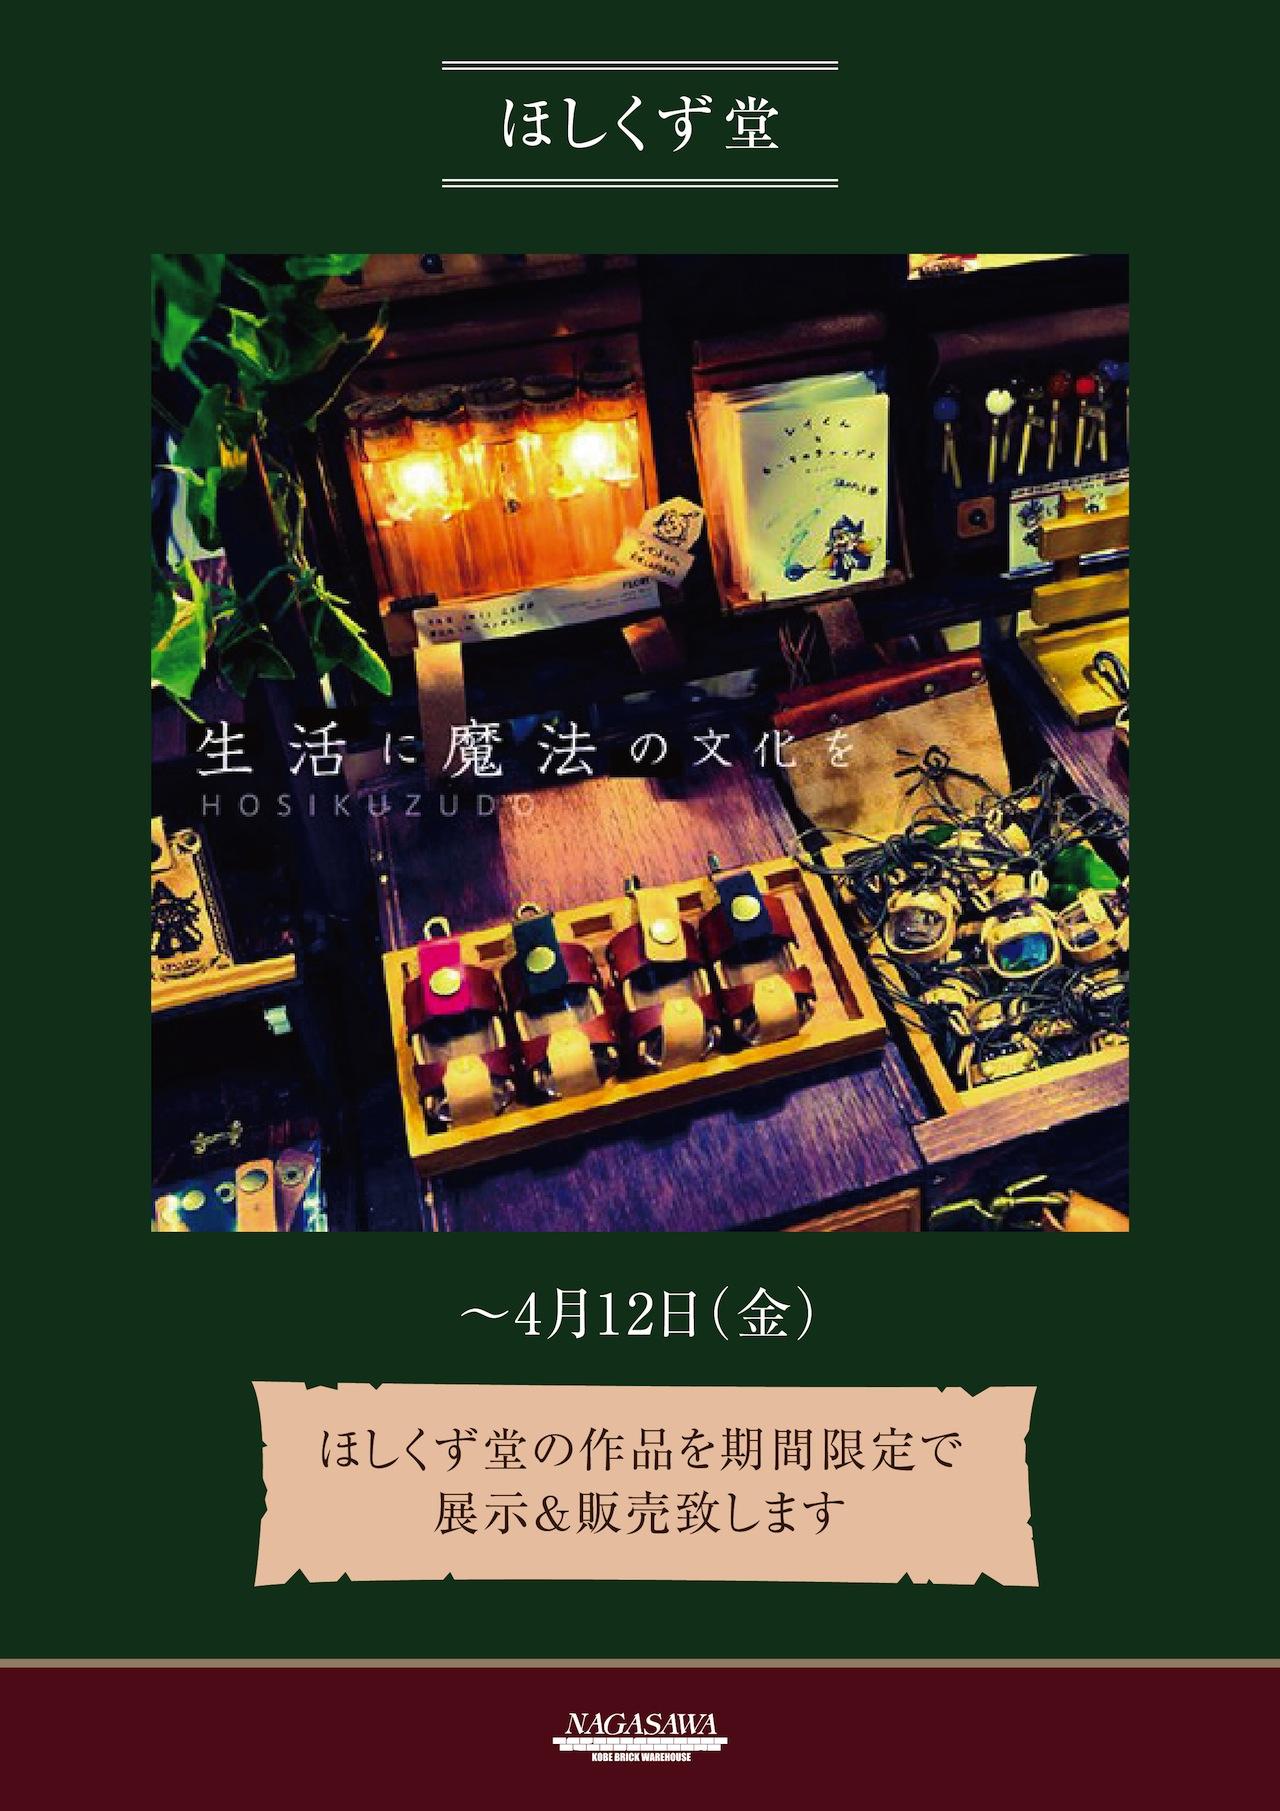 【神戸煉瓦倉庫店】SNSで注目?!のほしくず堂さんが神戸煉瓦倉庫店に!!!